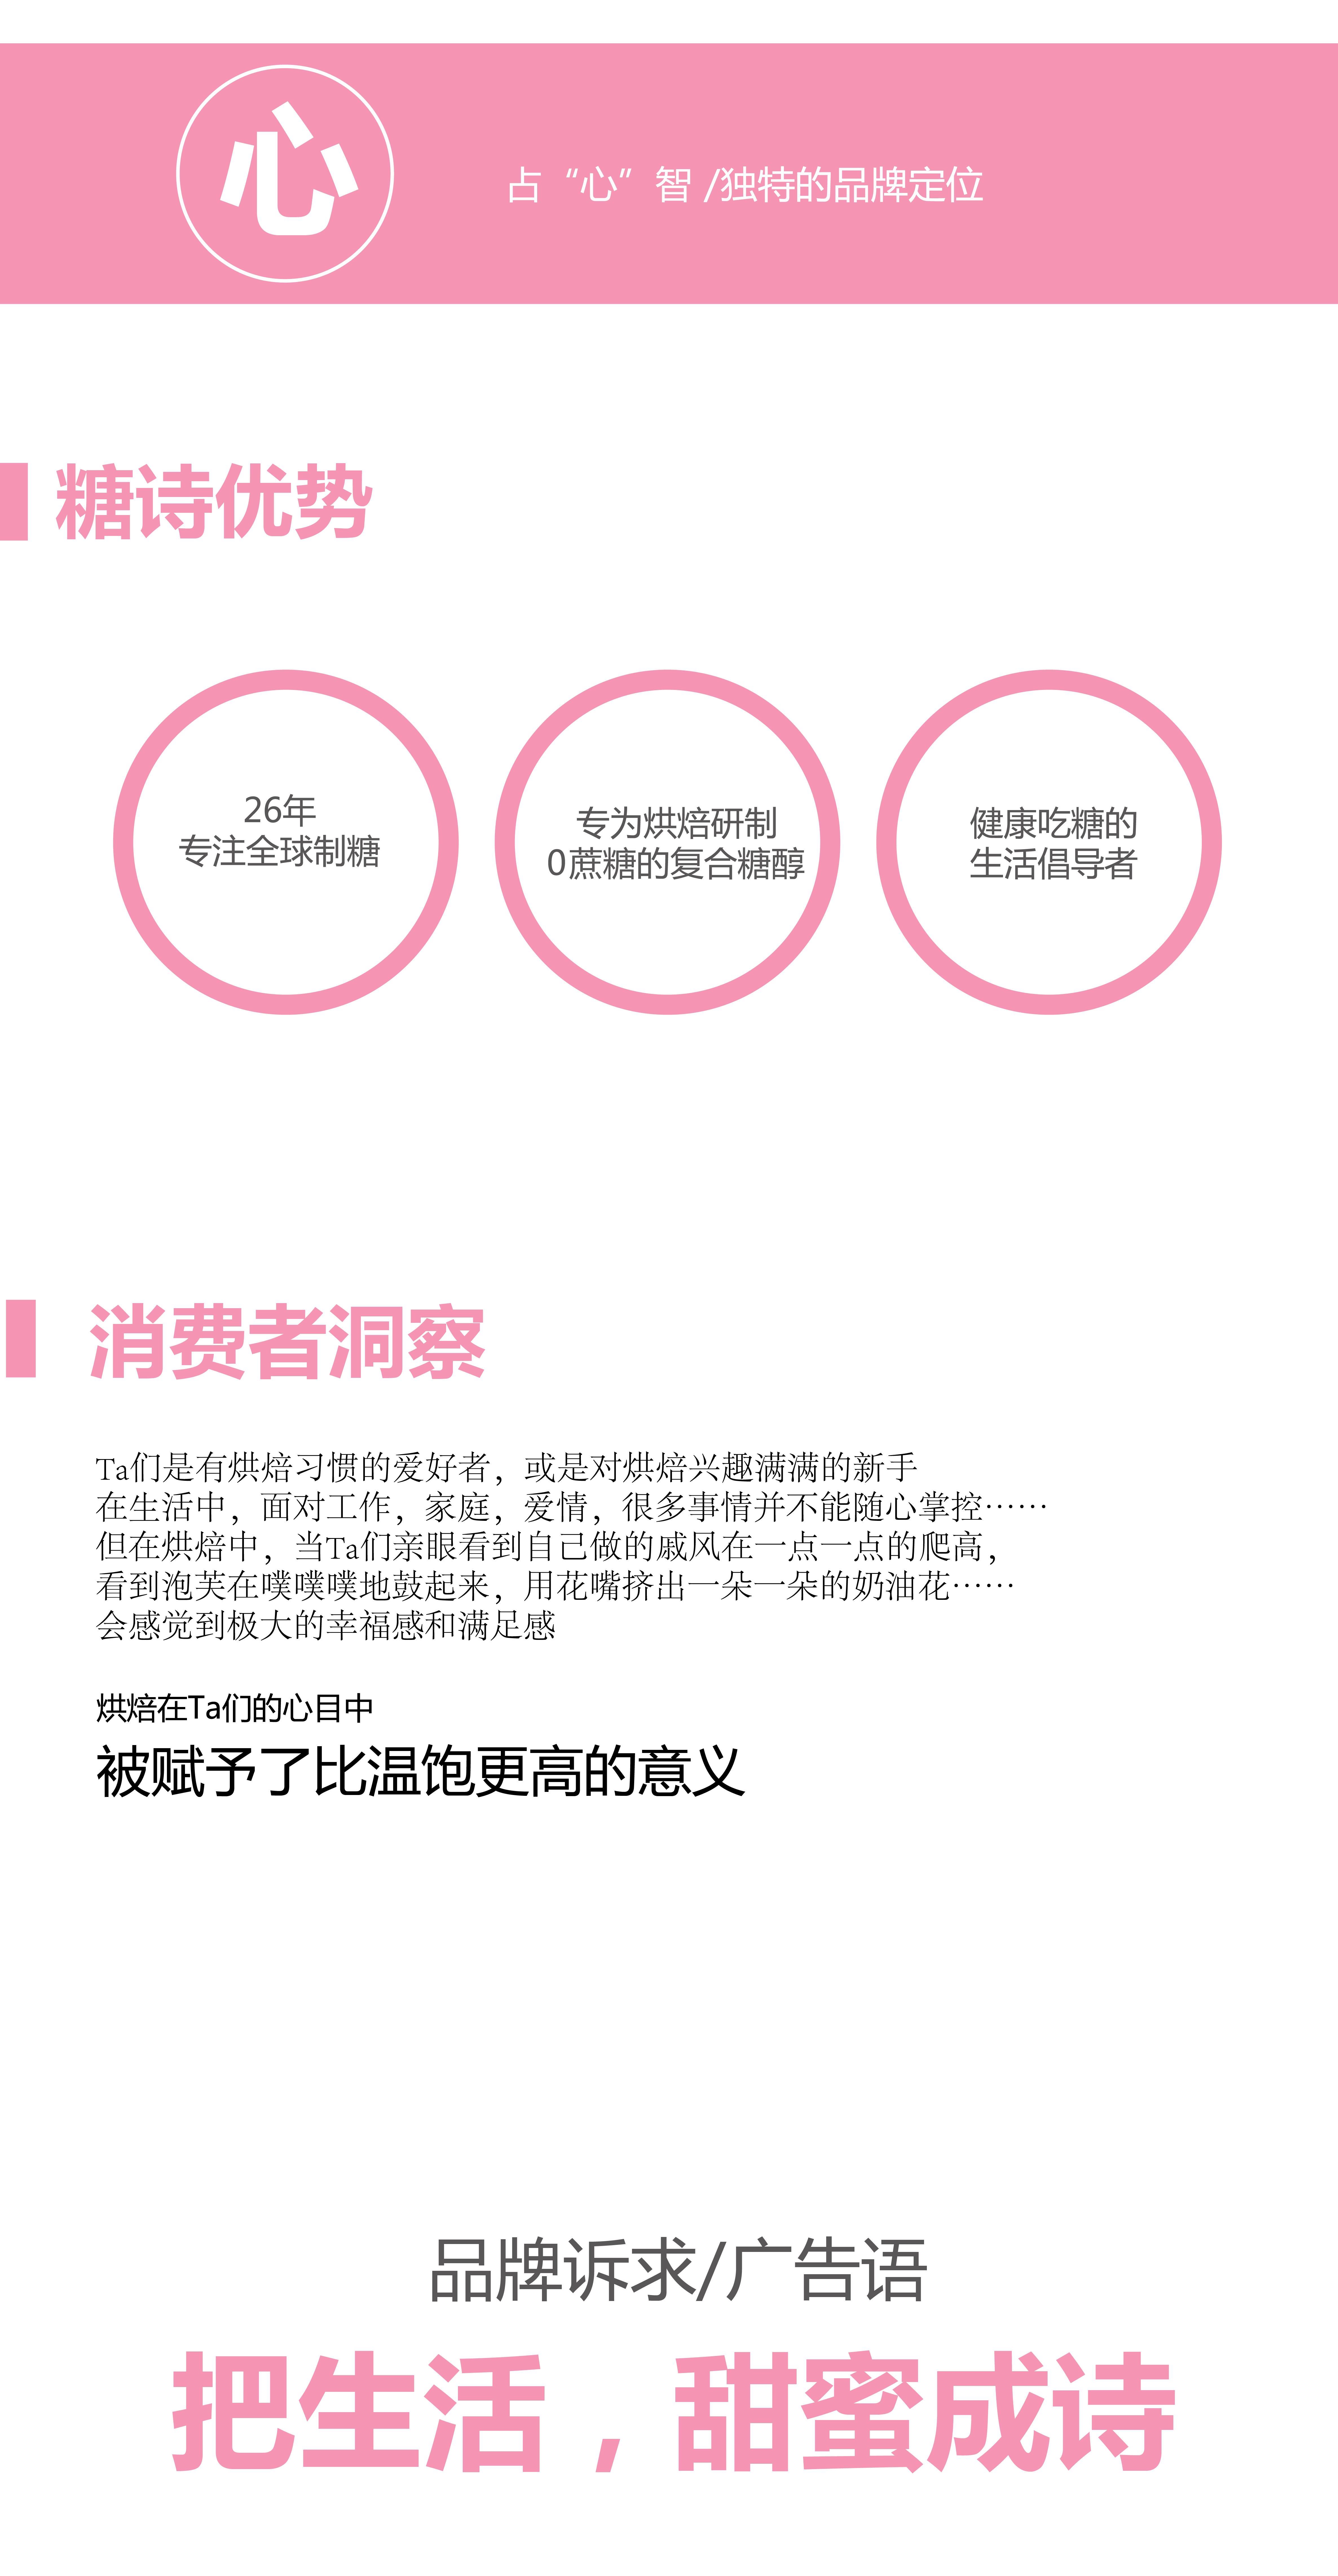 糖诗网页-04